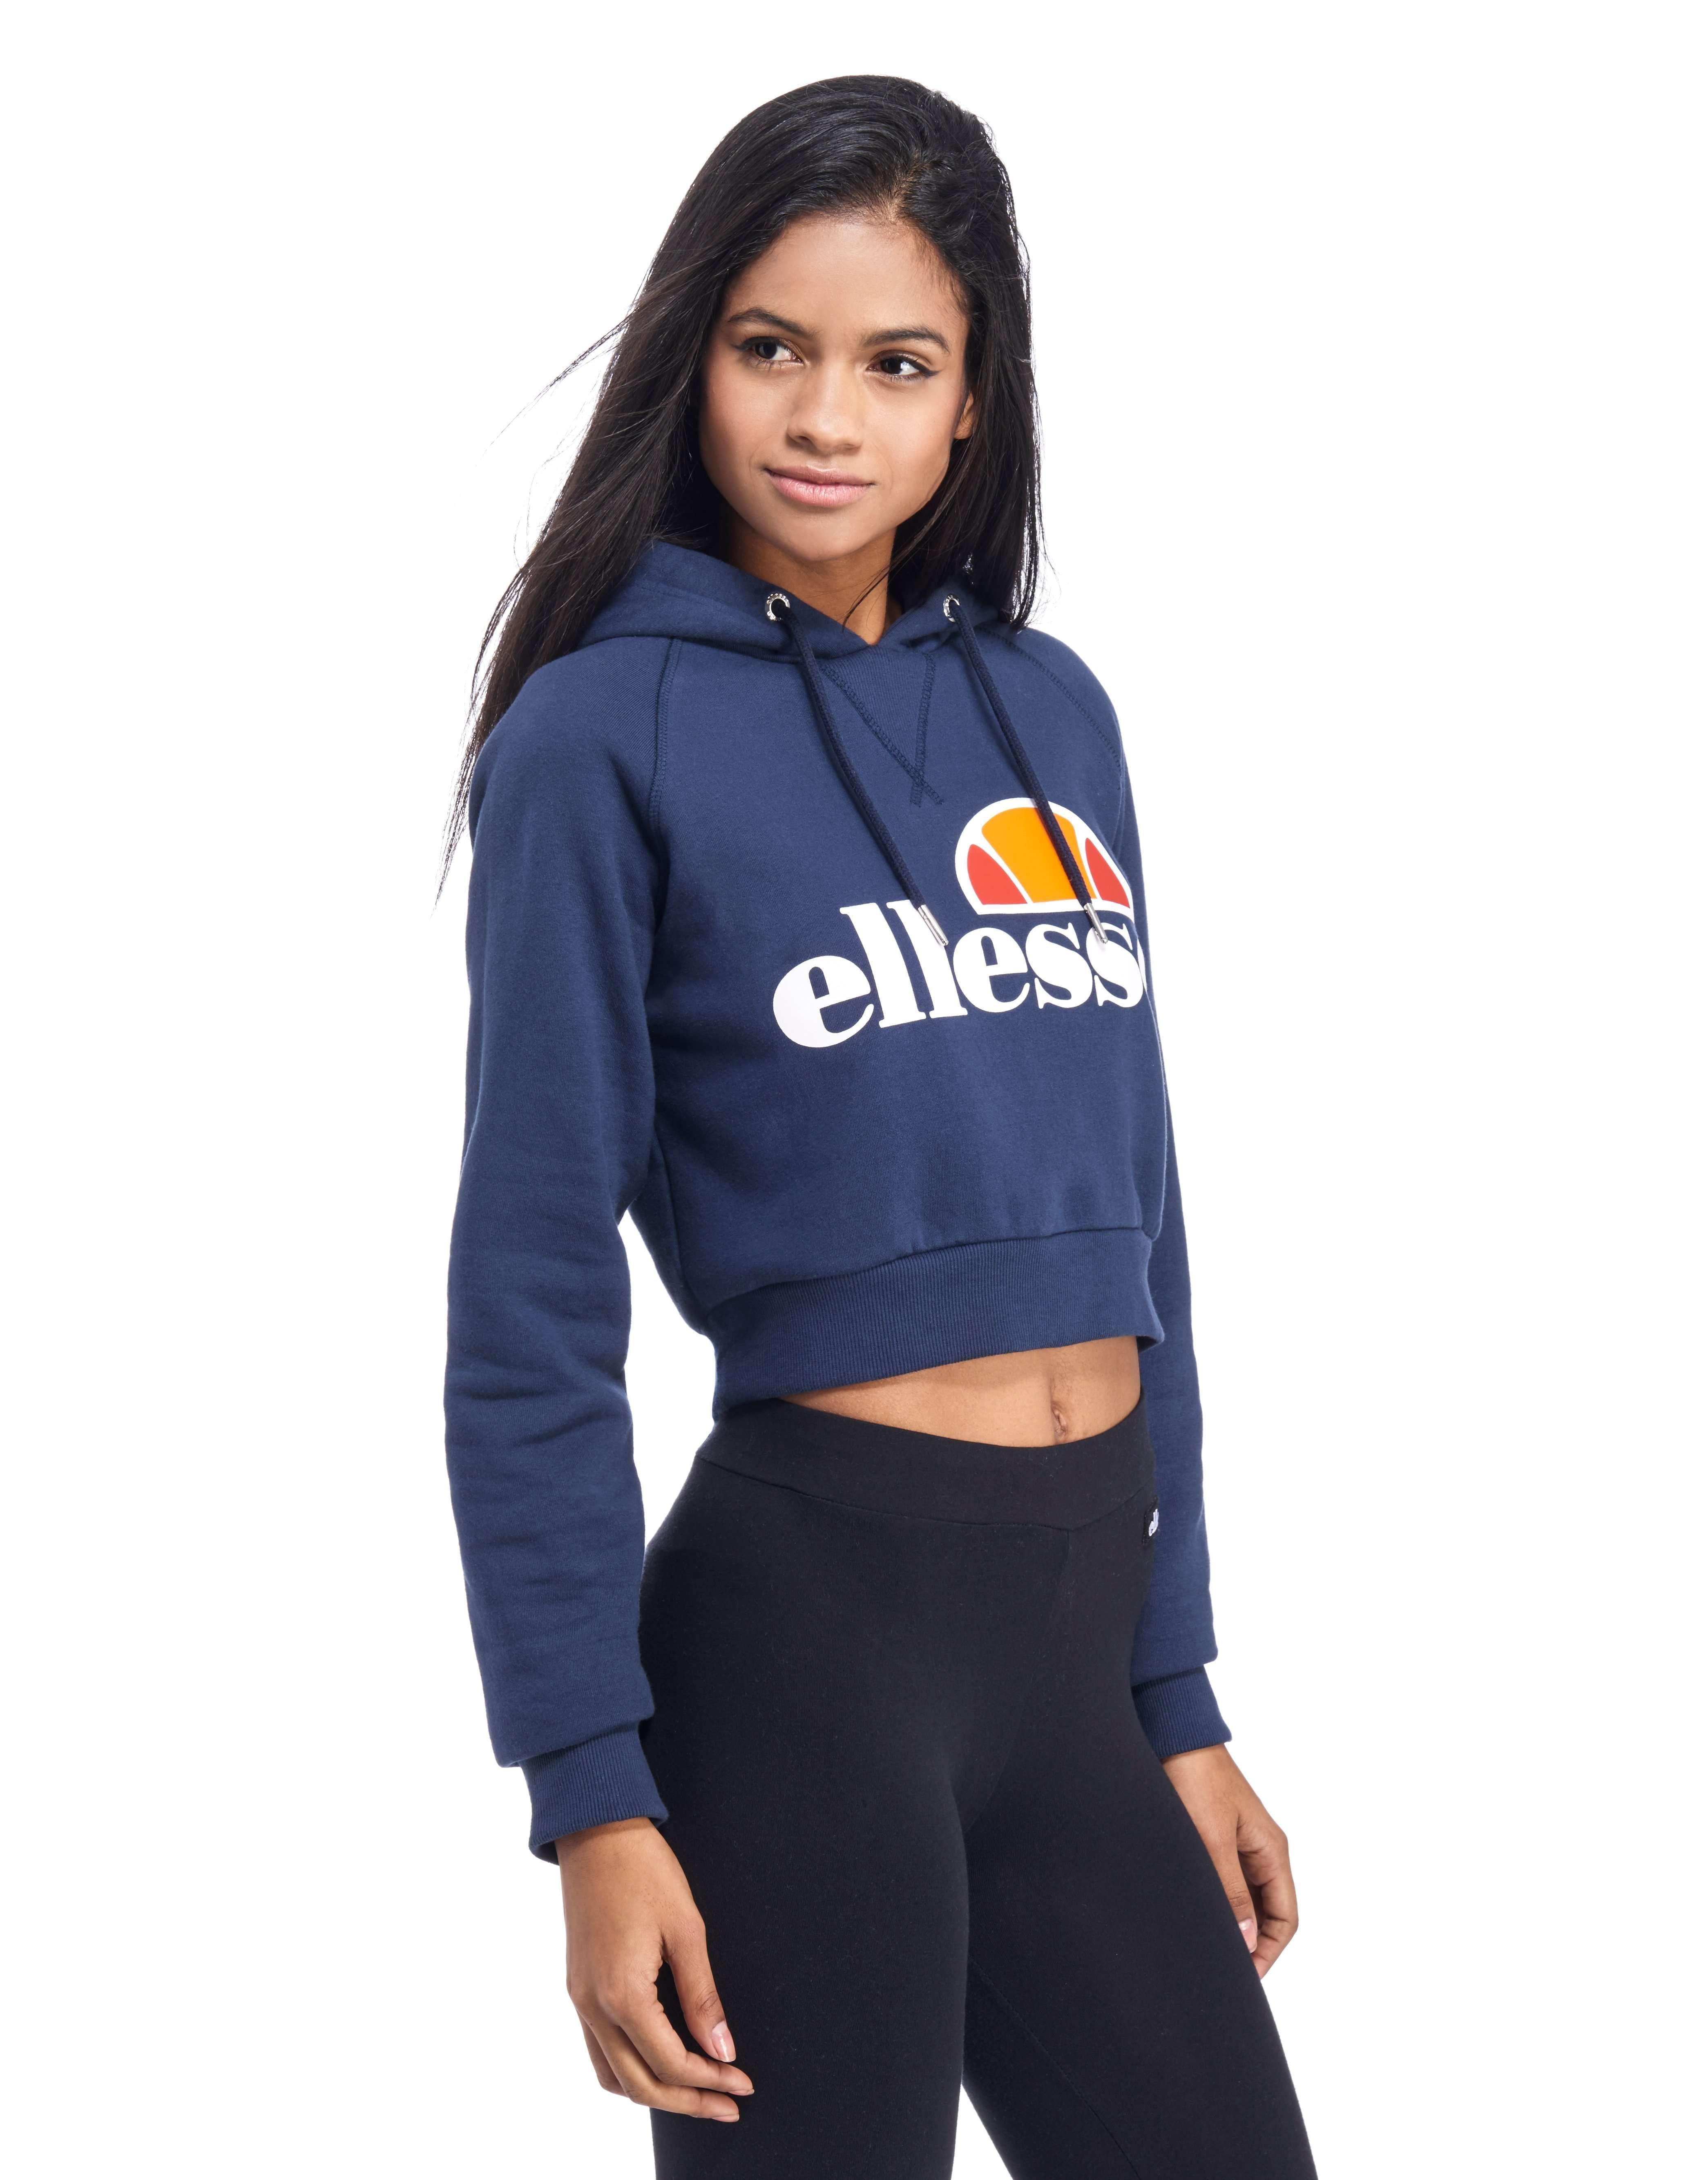 Ellesse Crop Overhead Hoody Shop online for Ellesse Crop